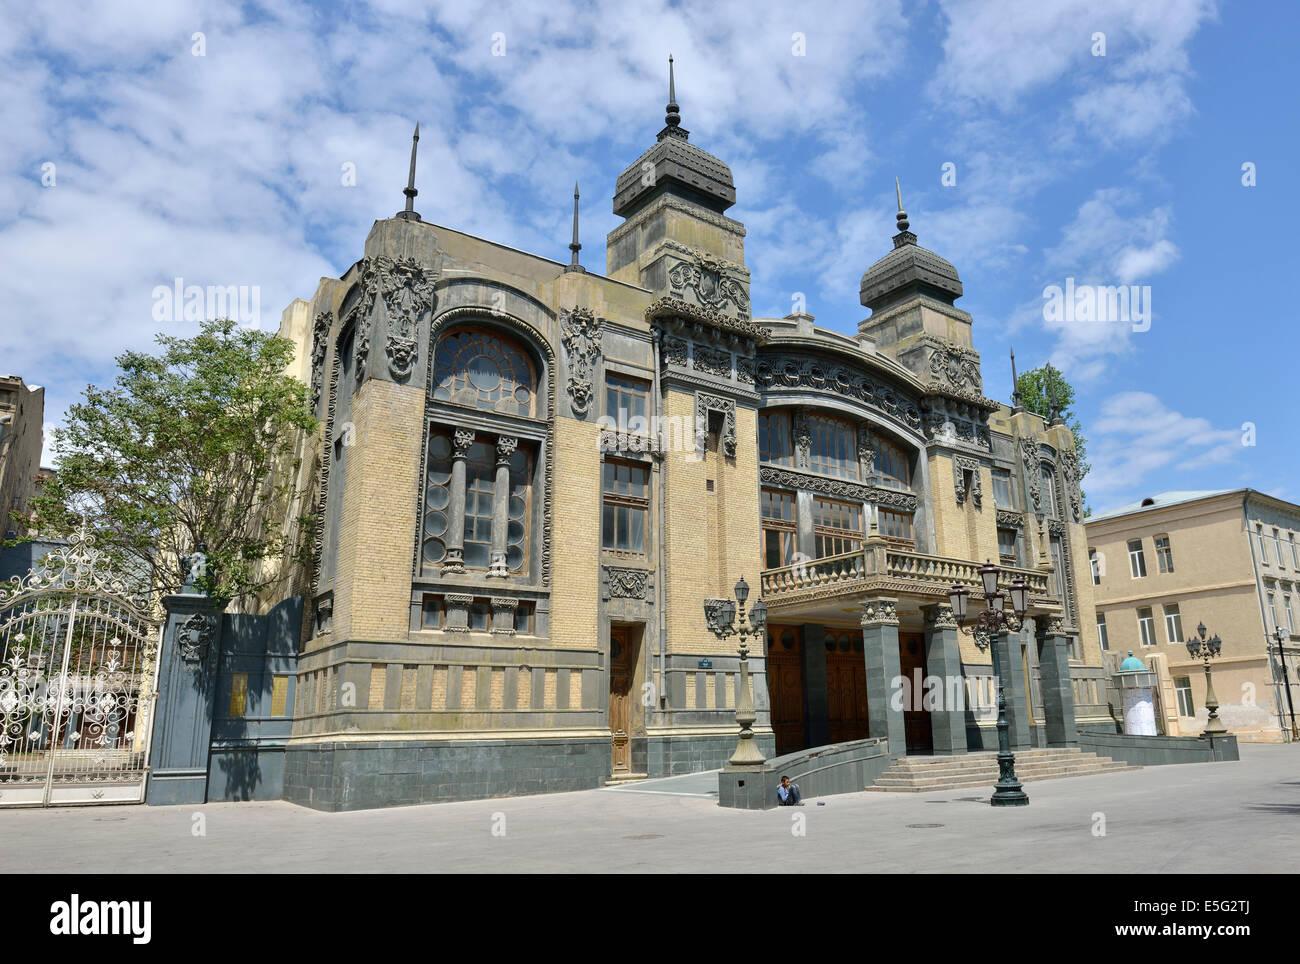 Opera House, Baku, Azerbaijan - Stock Image